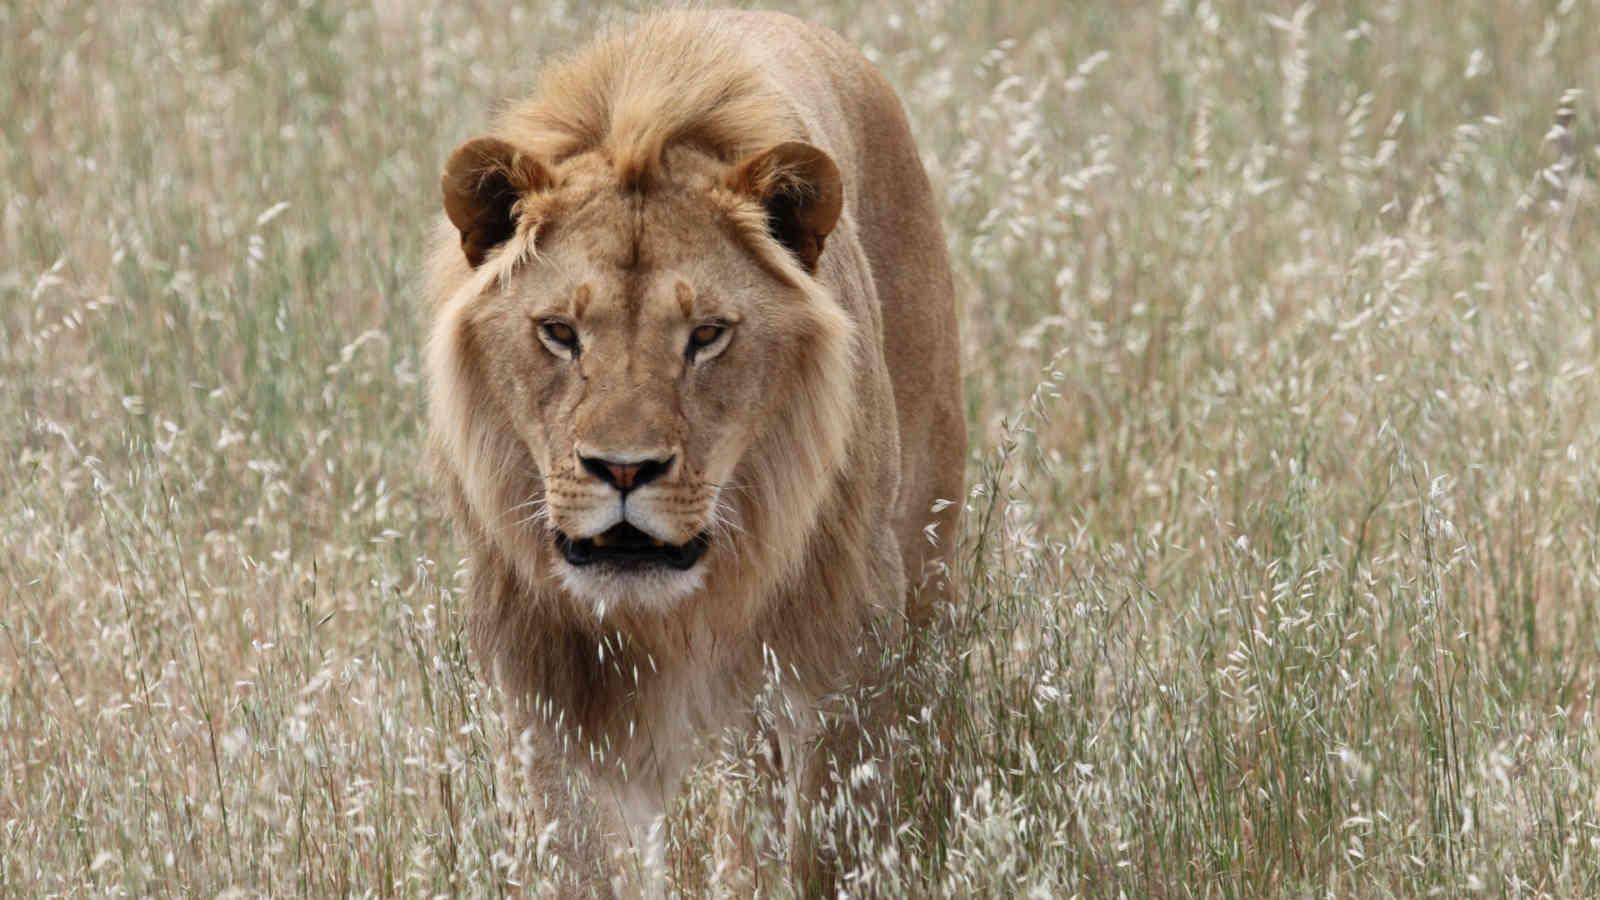 Monarto Zoo Lion